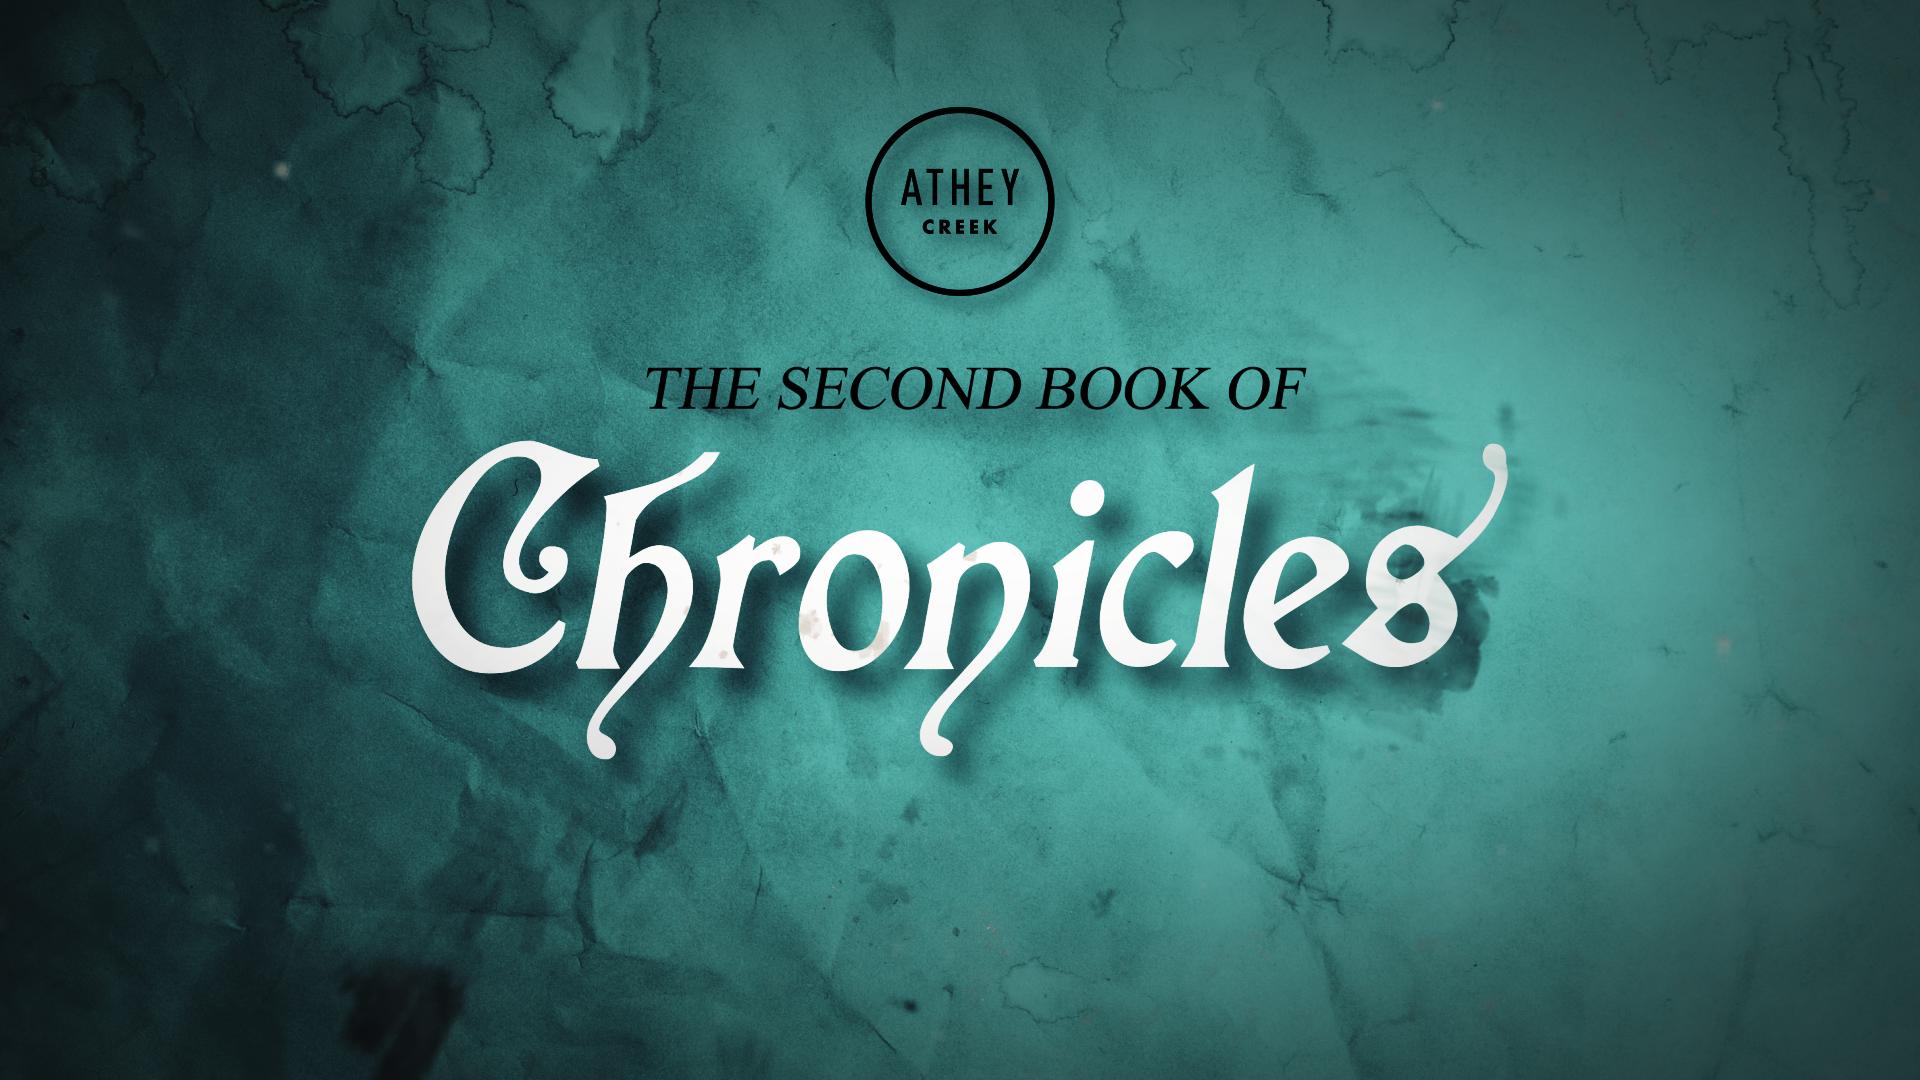 Teaching artwork for 2 Chronicles